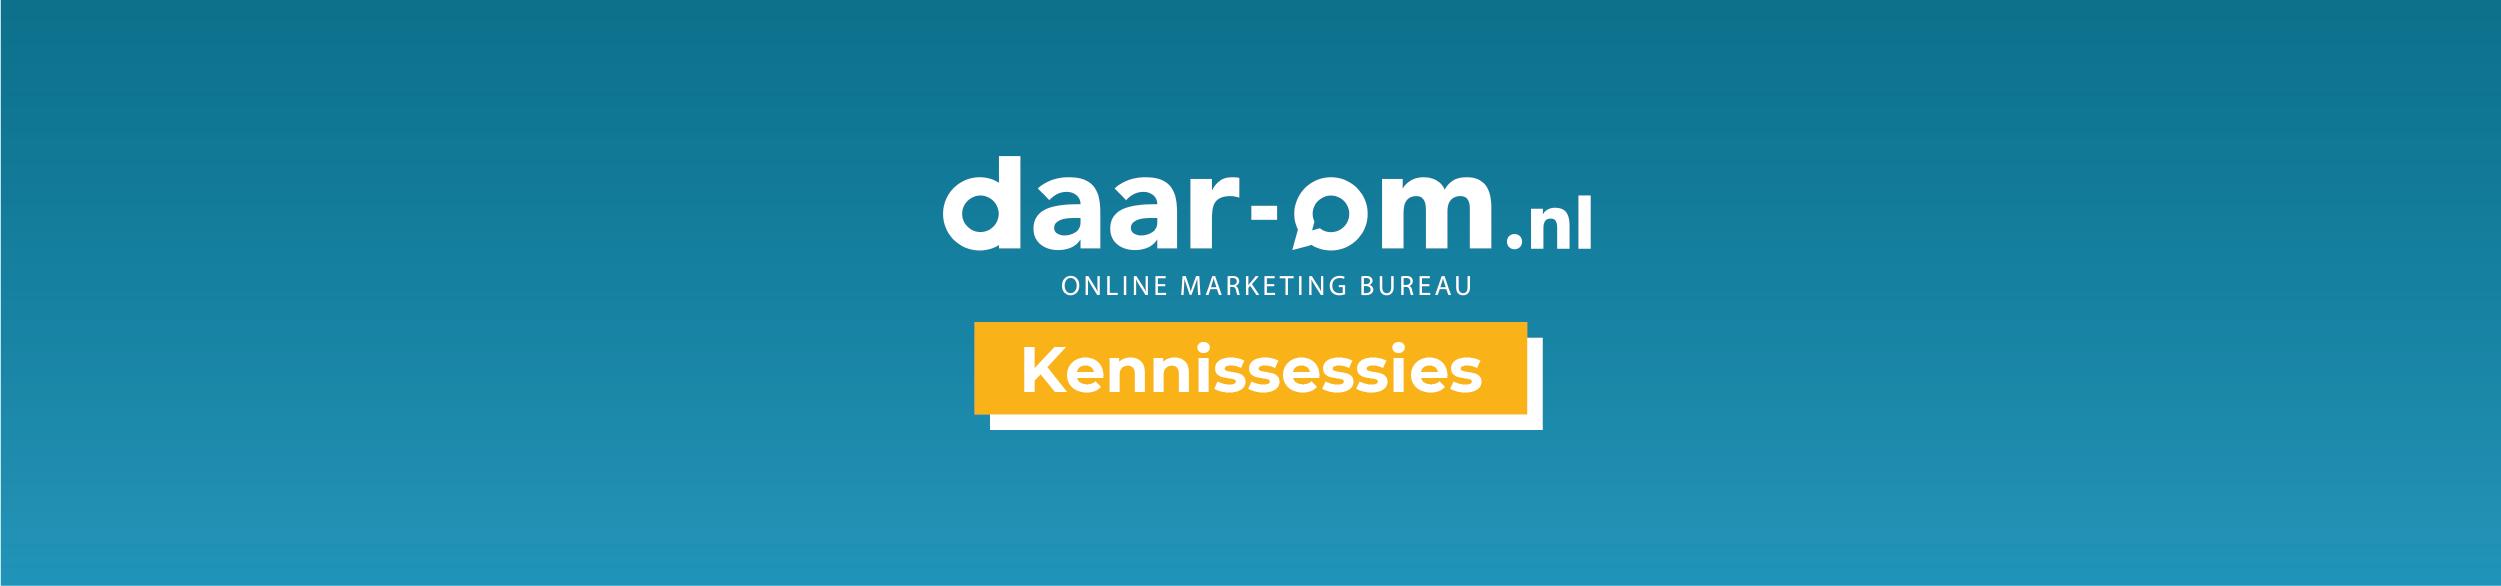 Online Marketing Workshops